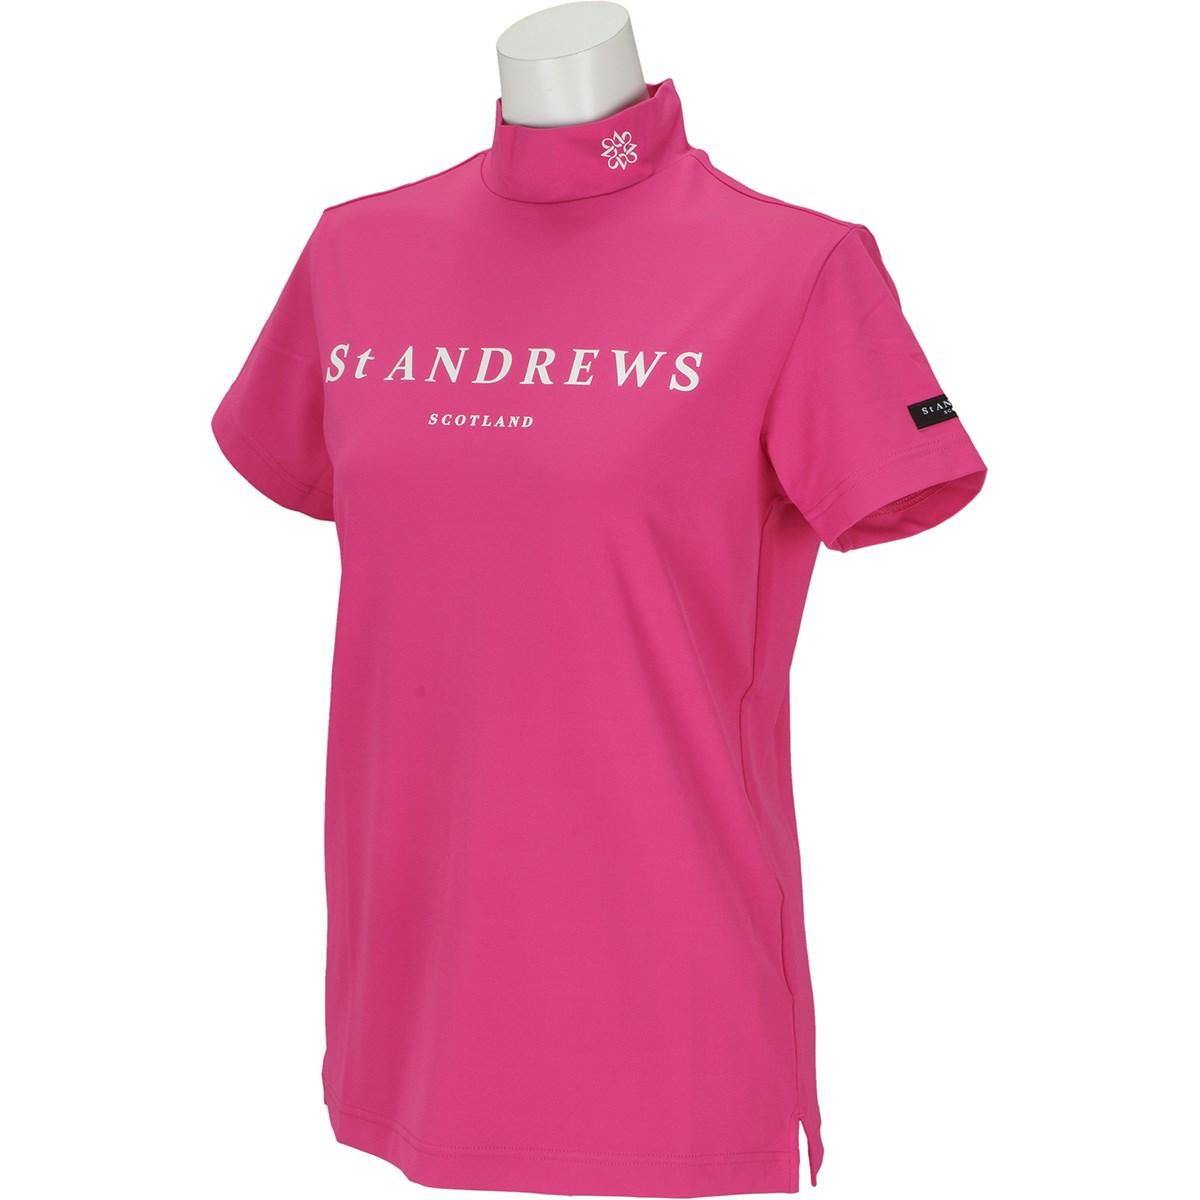 セント・アンドリュース St ANDREWS TWINCOTUV 半袖ハイネックインナーシャツ M ピンク 090 レディス